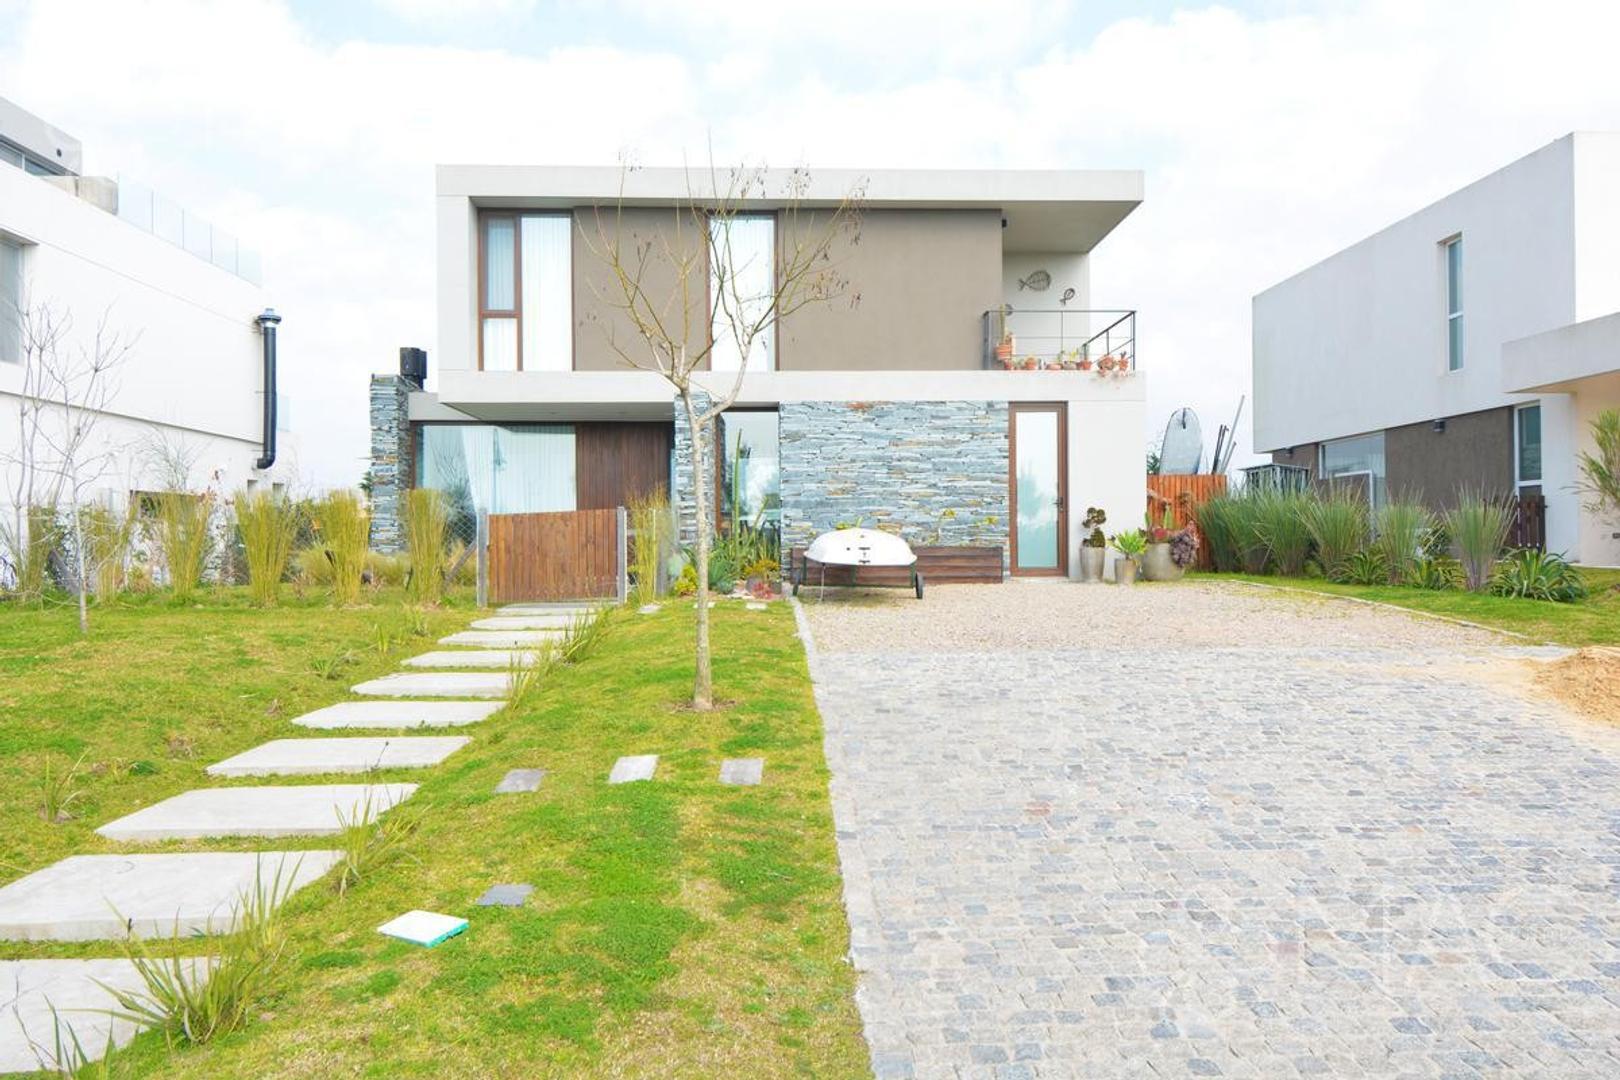 Casa en Venta en Otros barrios de Nordelta